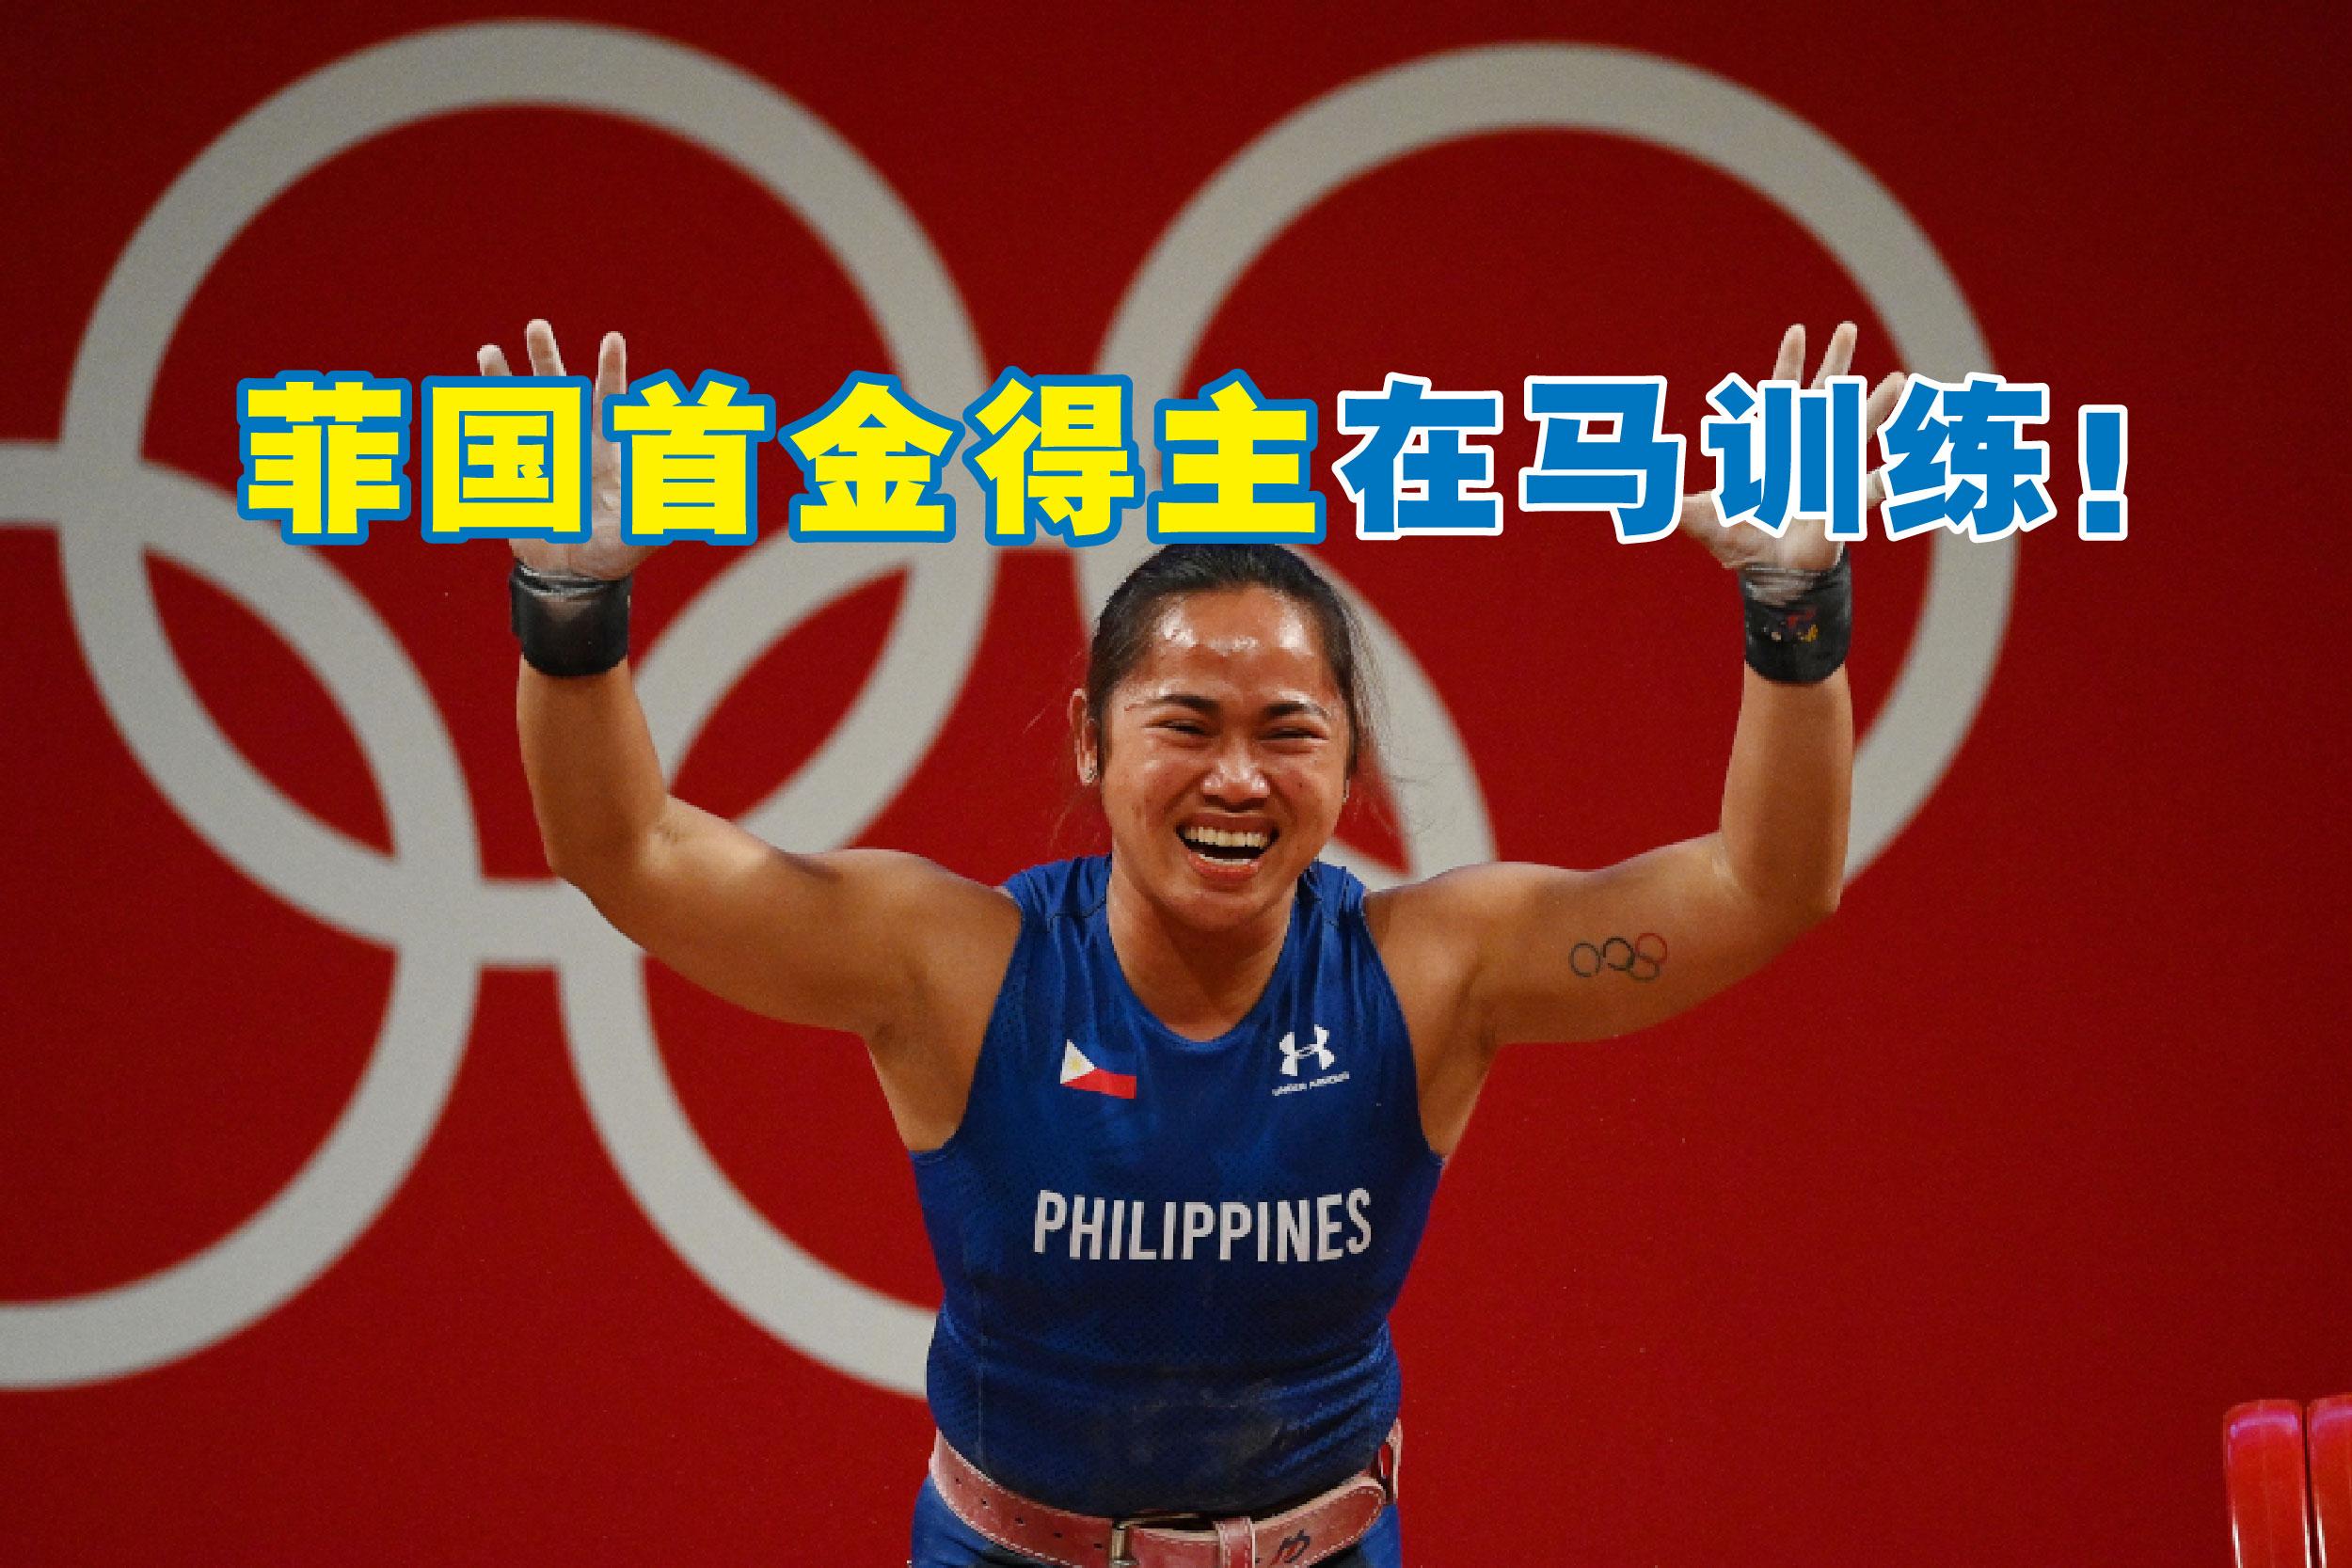 菲律宾选手迪亚兹成功为菲律宾夺下首枚奥运金牌!-法新社-